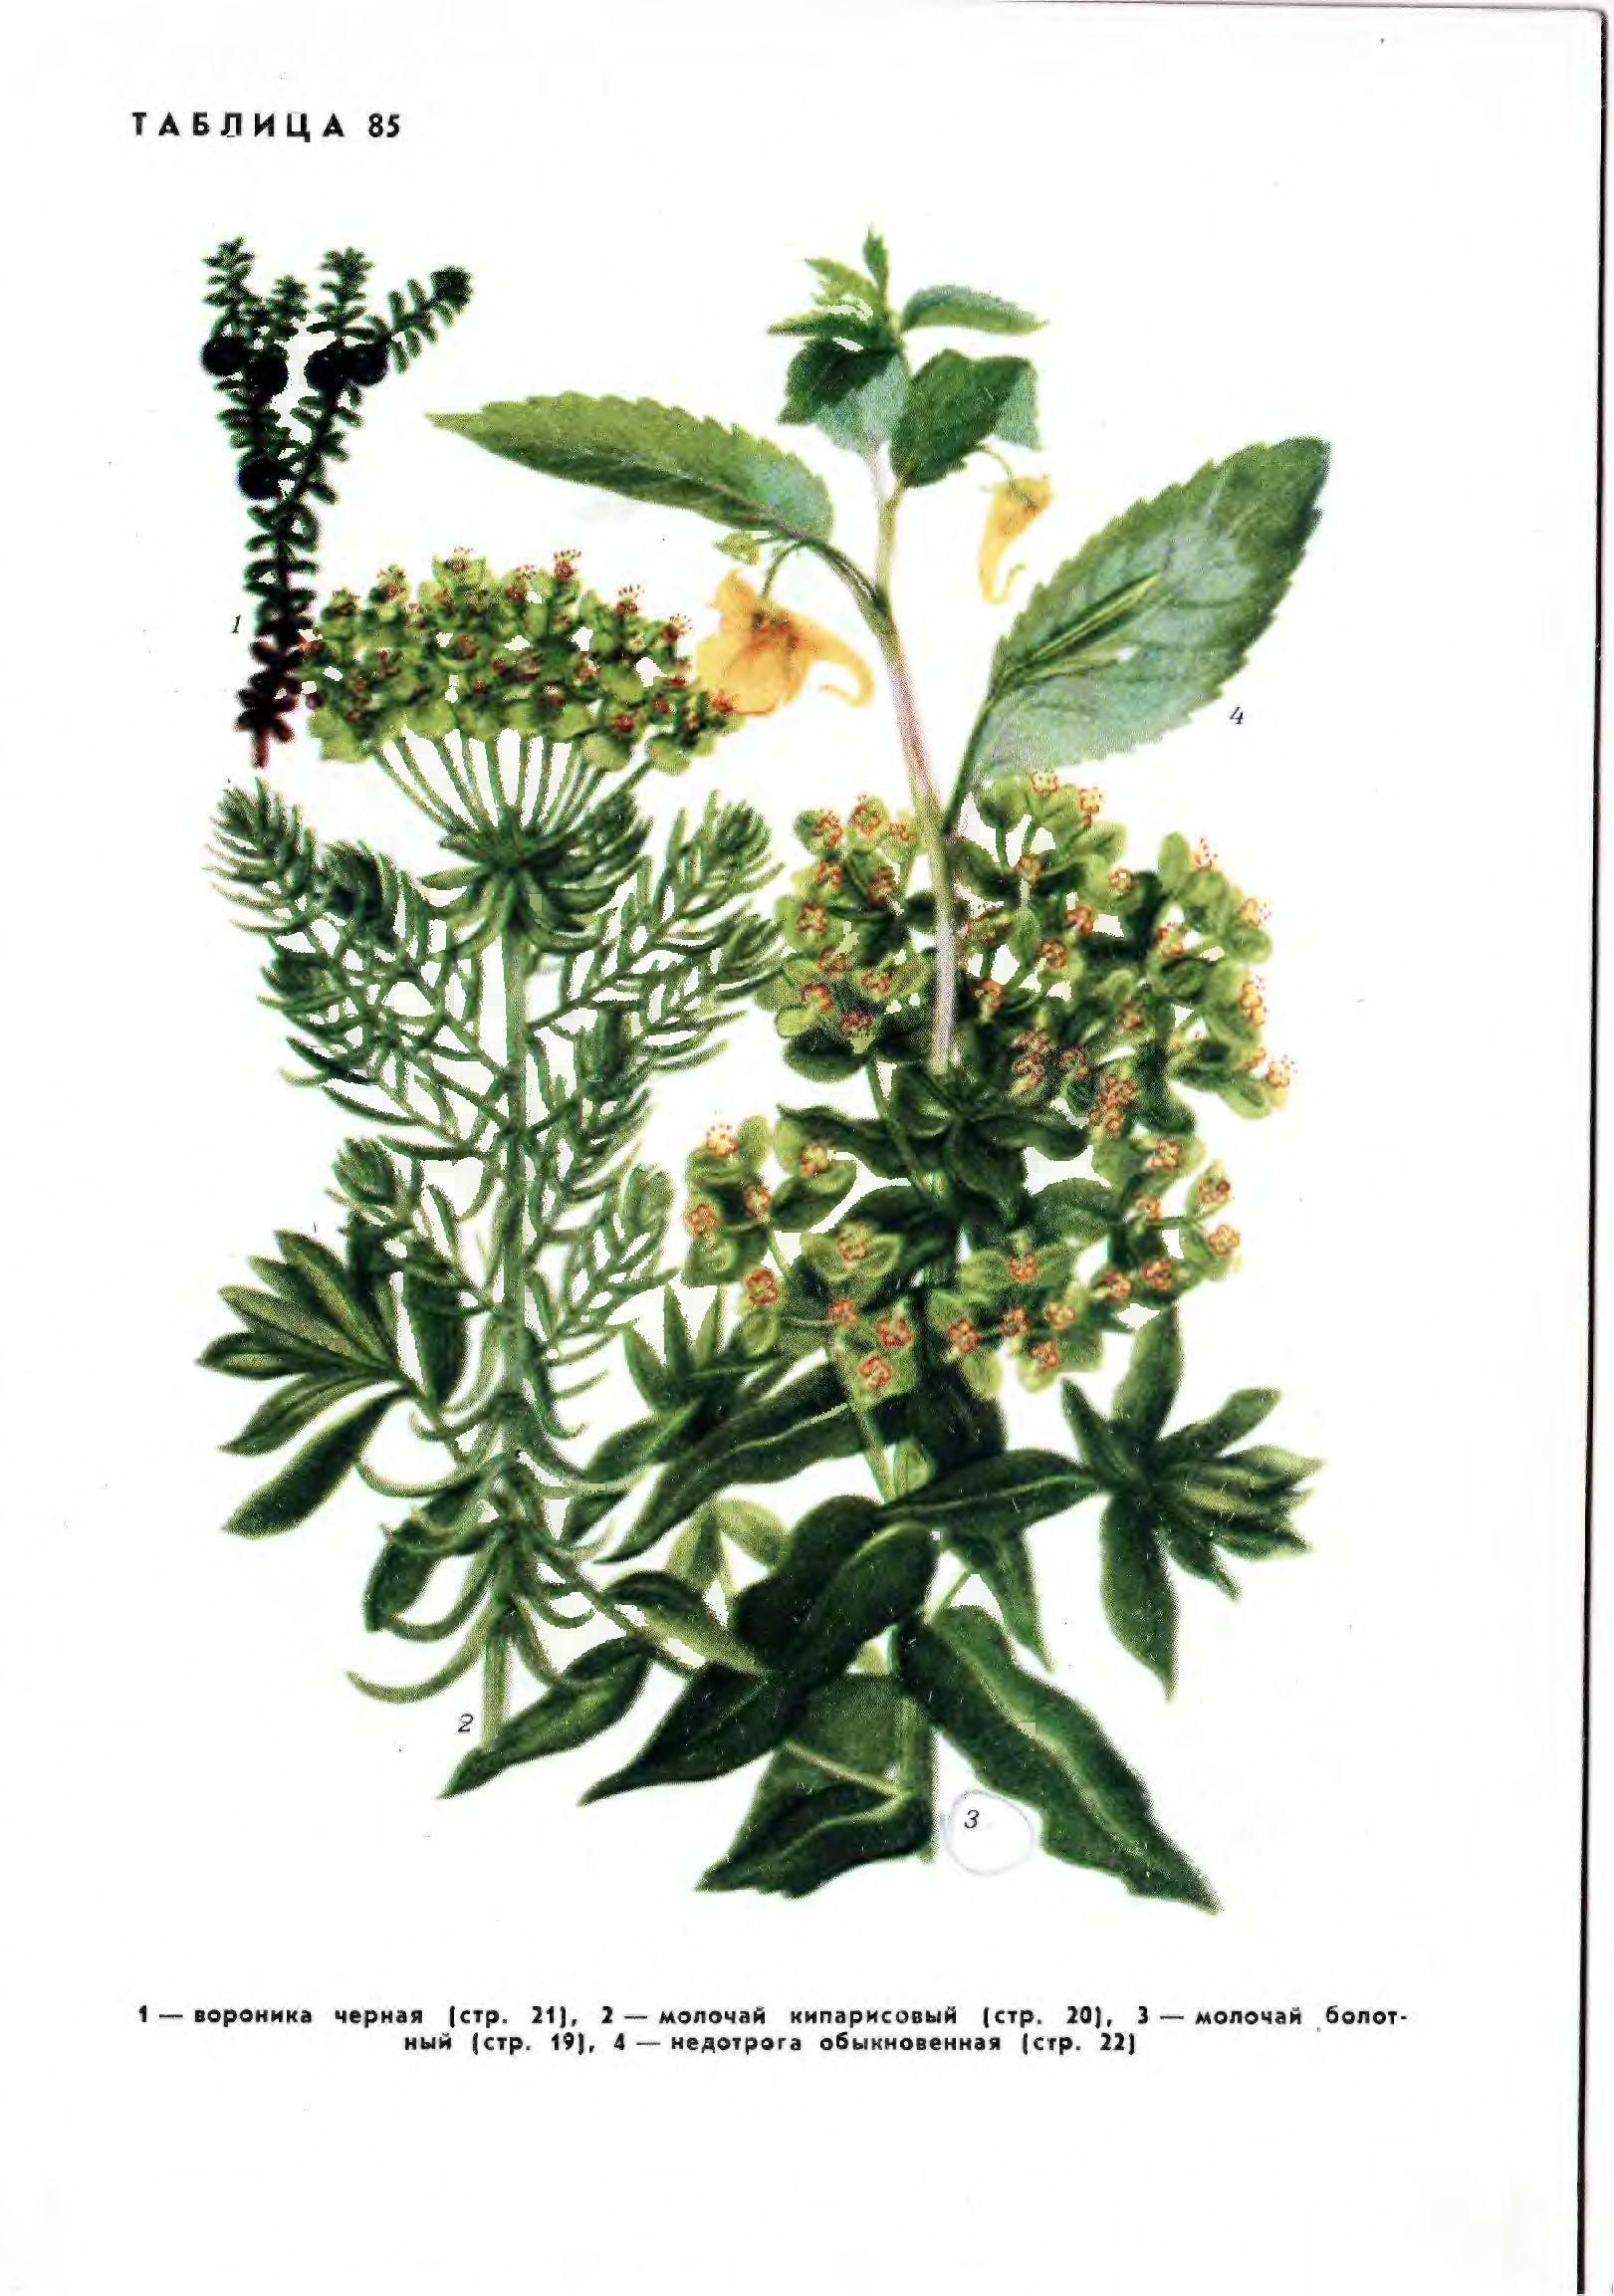 Травянистые растения СССР / Алексеев и др., 1971, в 2-х тт., 448+310 с.